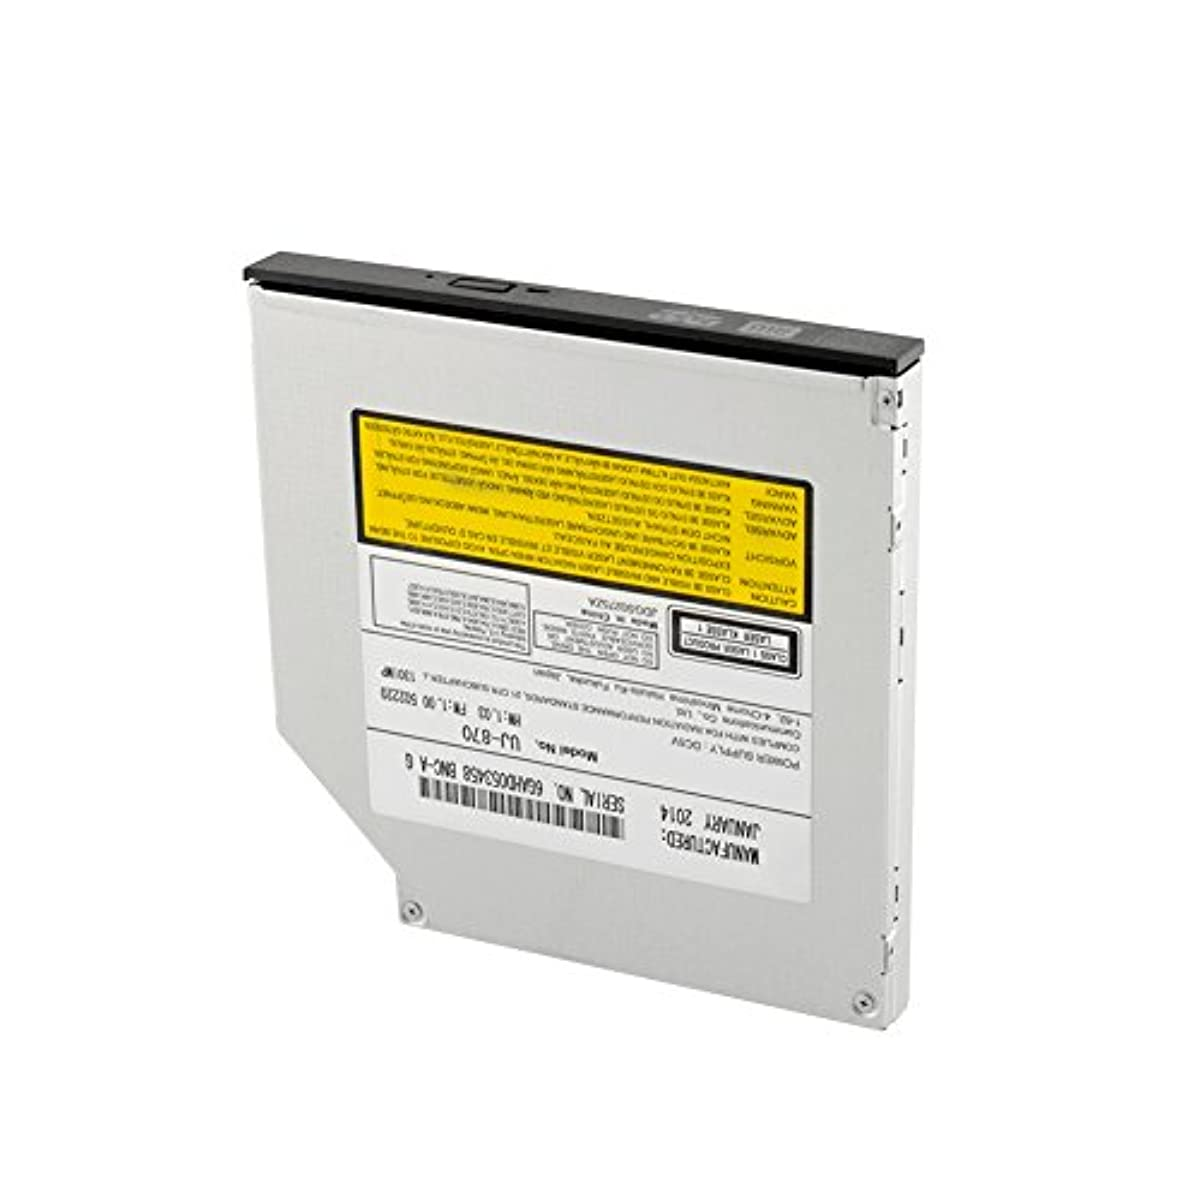 専ら本土矛盾Hanbaili ノートブック用HL-T50NのSuperDrive DVD CDバーナーライター内蔵SATA光学ドライブ